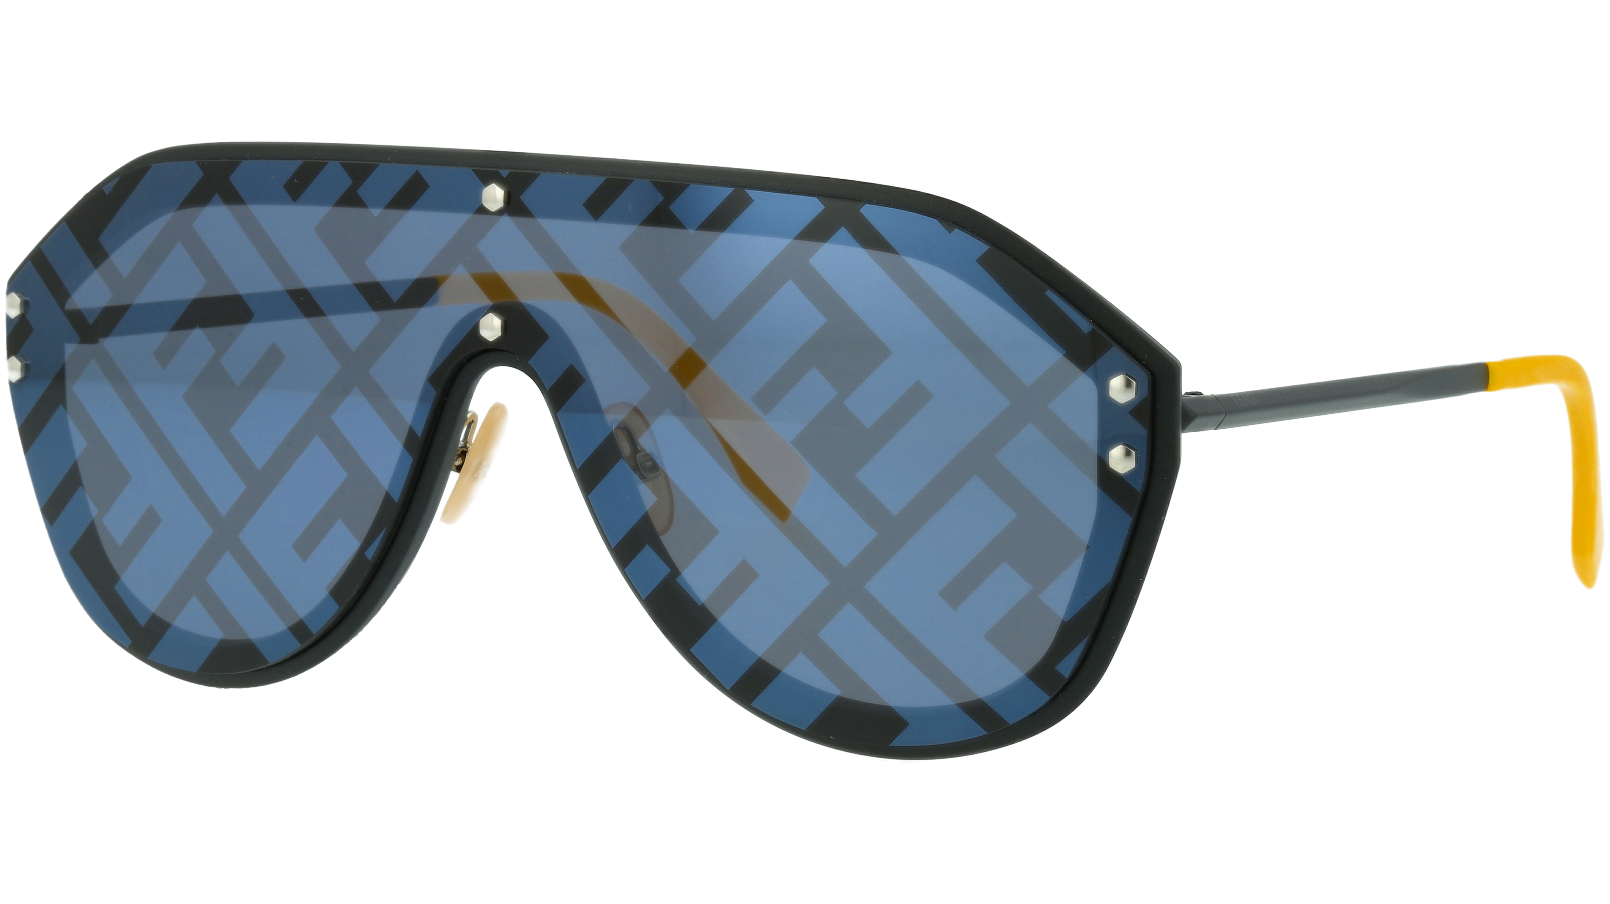 FENDI FFM0039/G/S 807XR 99 Black Shield Sunglasses